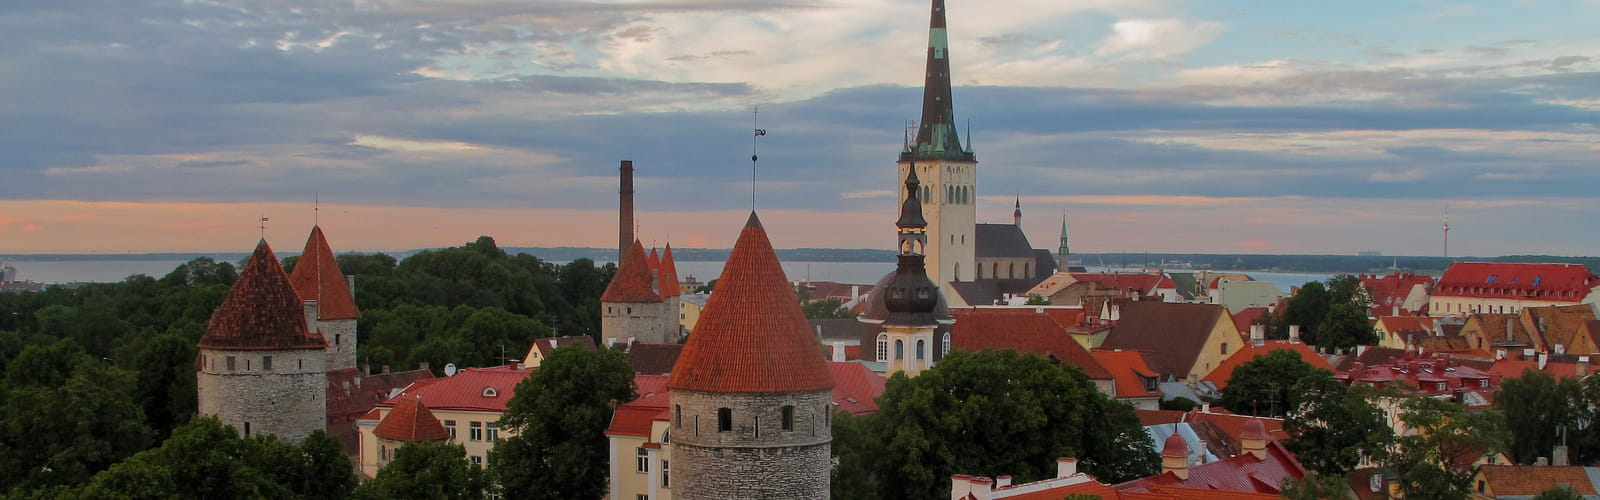 Location Vacances En Estonie Maison Appartement